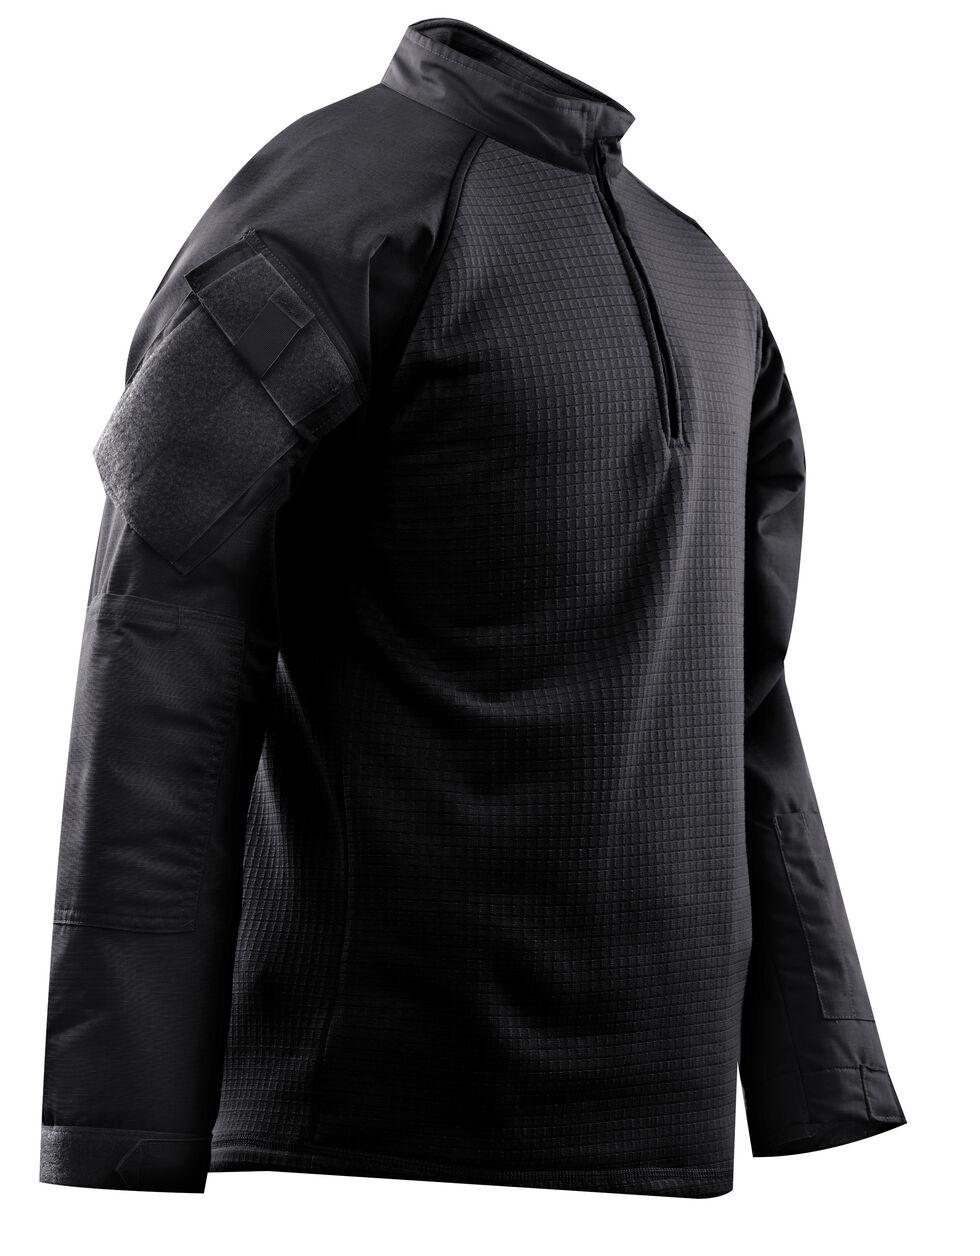 Tru-Spec Men's 1/4 Zip Winter Combat Shirt, Black, hi-res